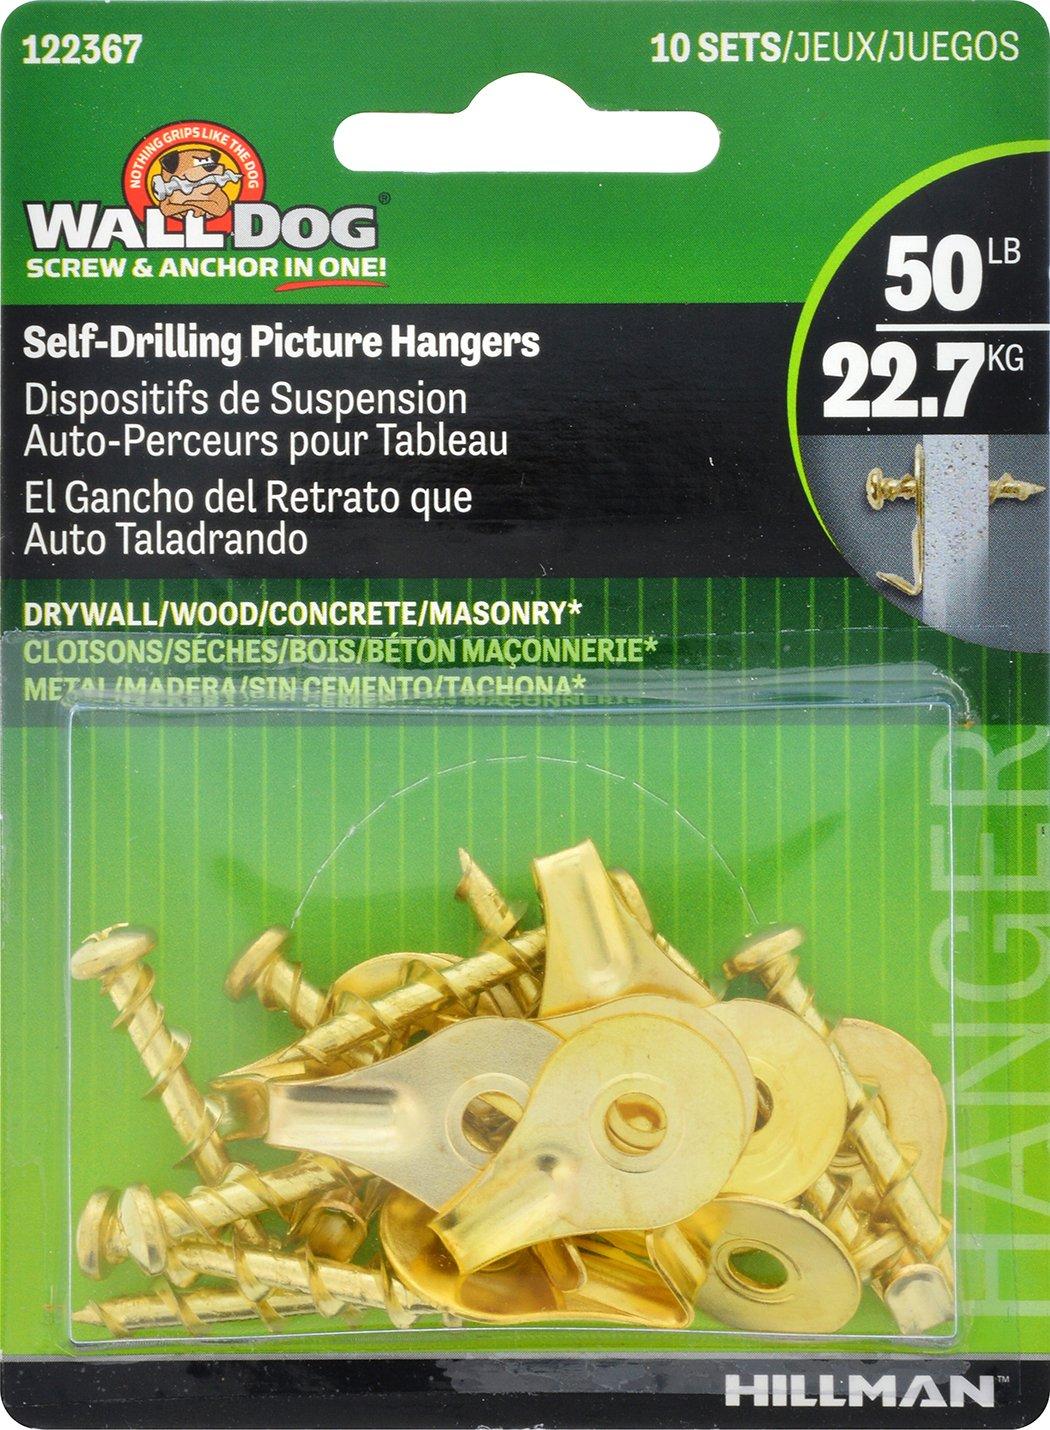 Hillman imagen 122367 WallDog – latón imagen Hillman perchas con gancho 8e865d